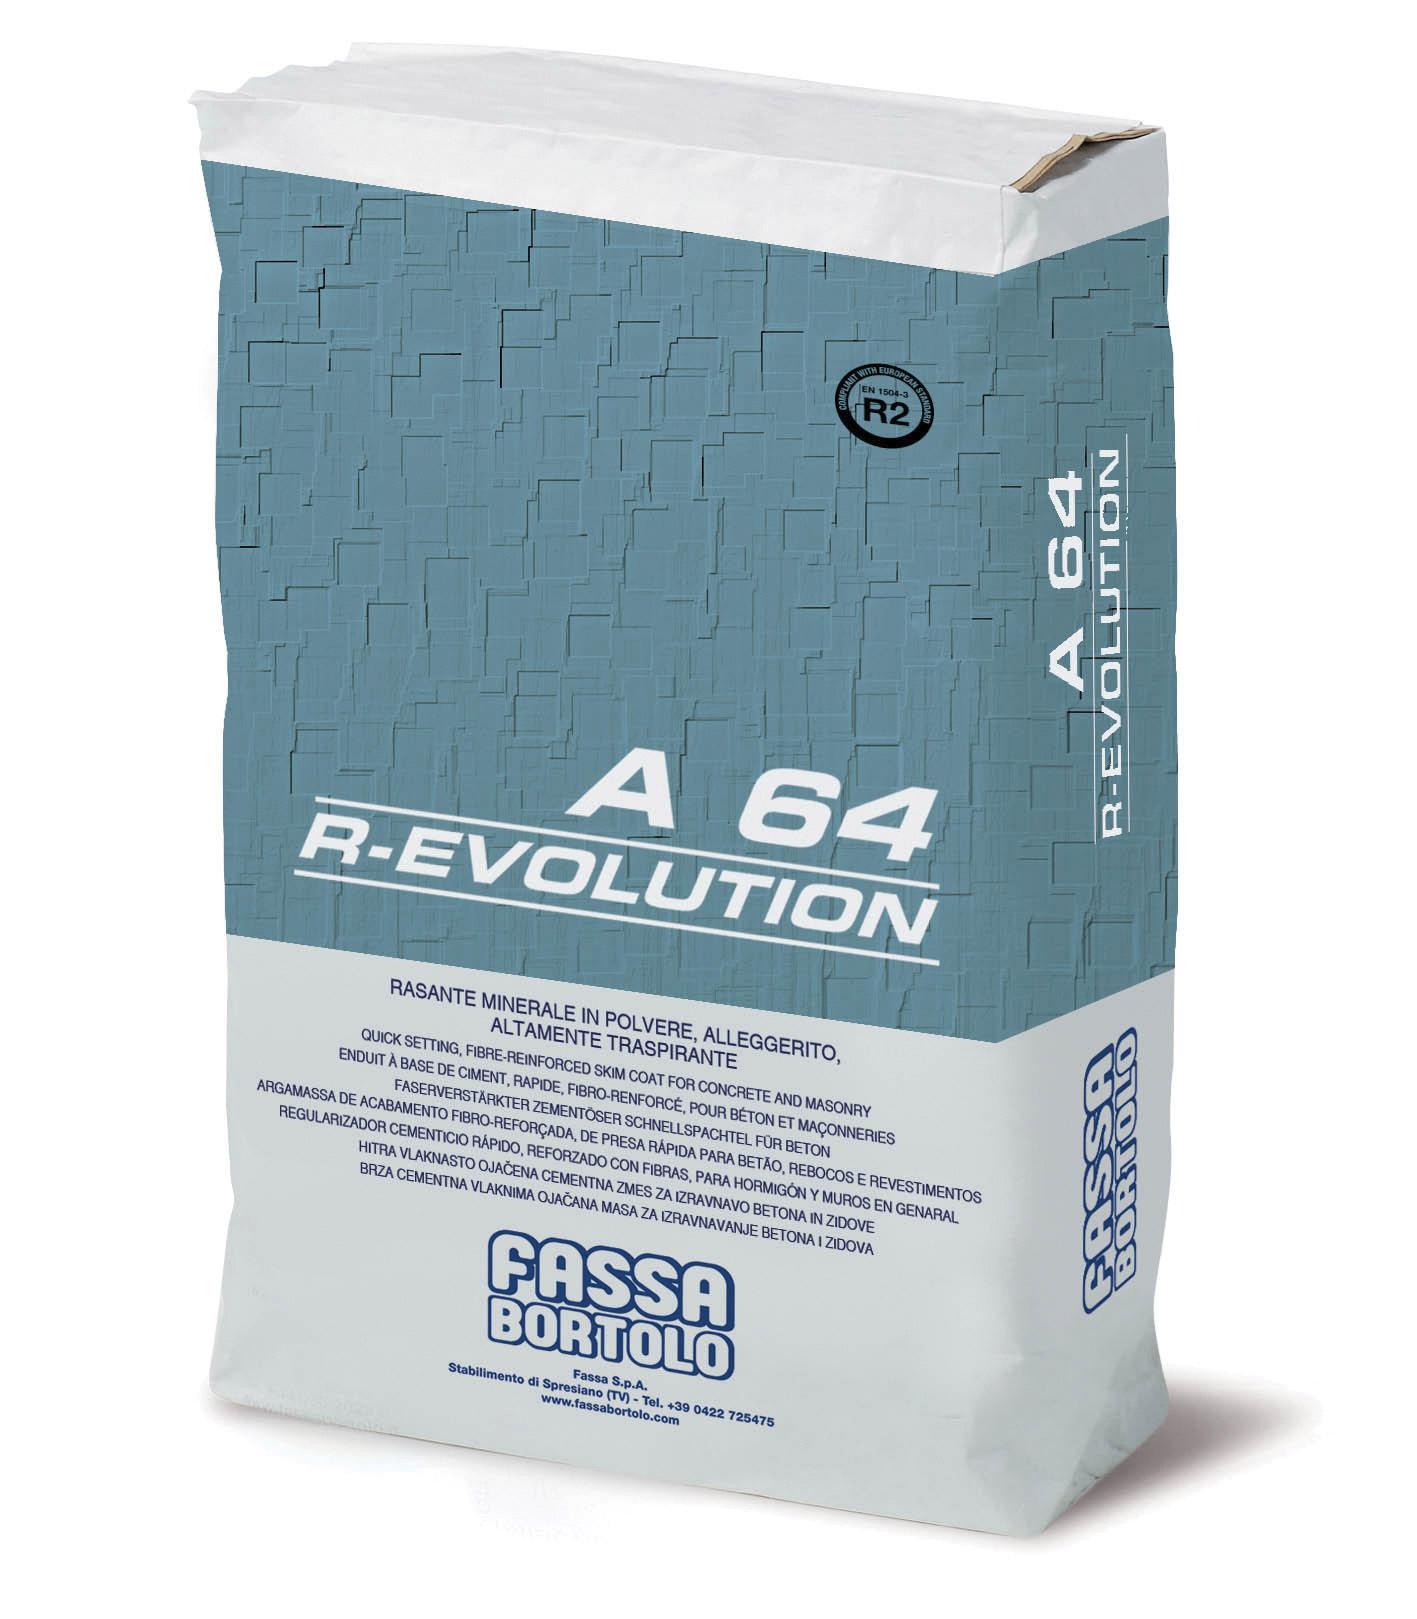 A 64 R-EVOLUTION: Rasante minerale fibrorinforzato idrofugato, da applicarsi su superfici di elevate resistenze meccaniche, a base di calce e legante idraulico, per interno ed esterno